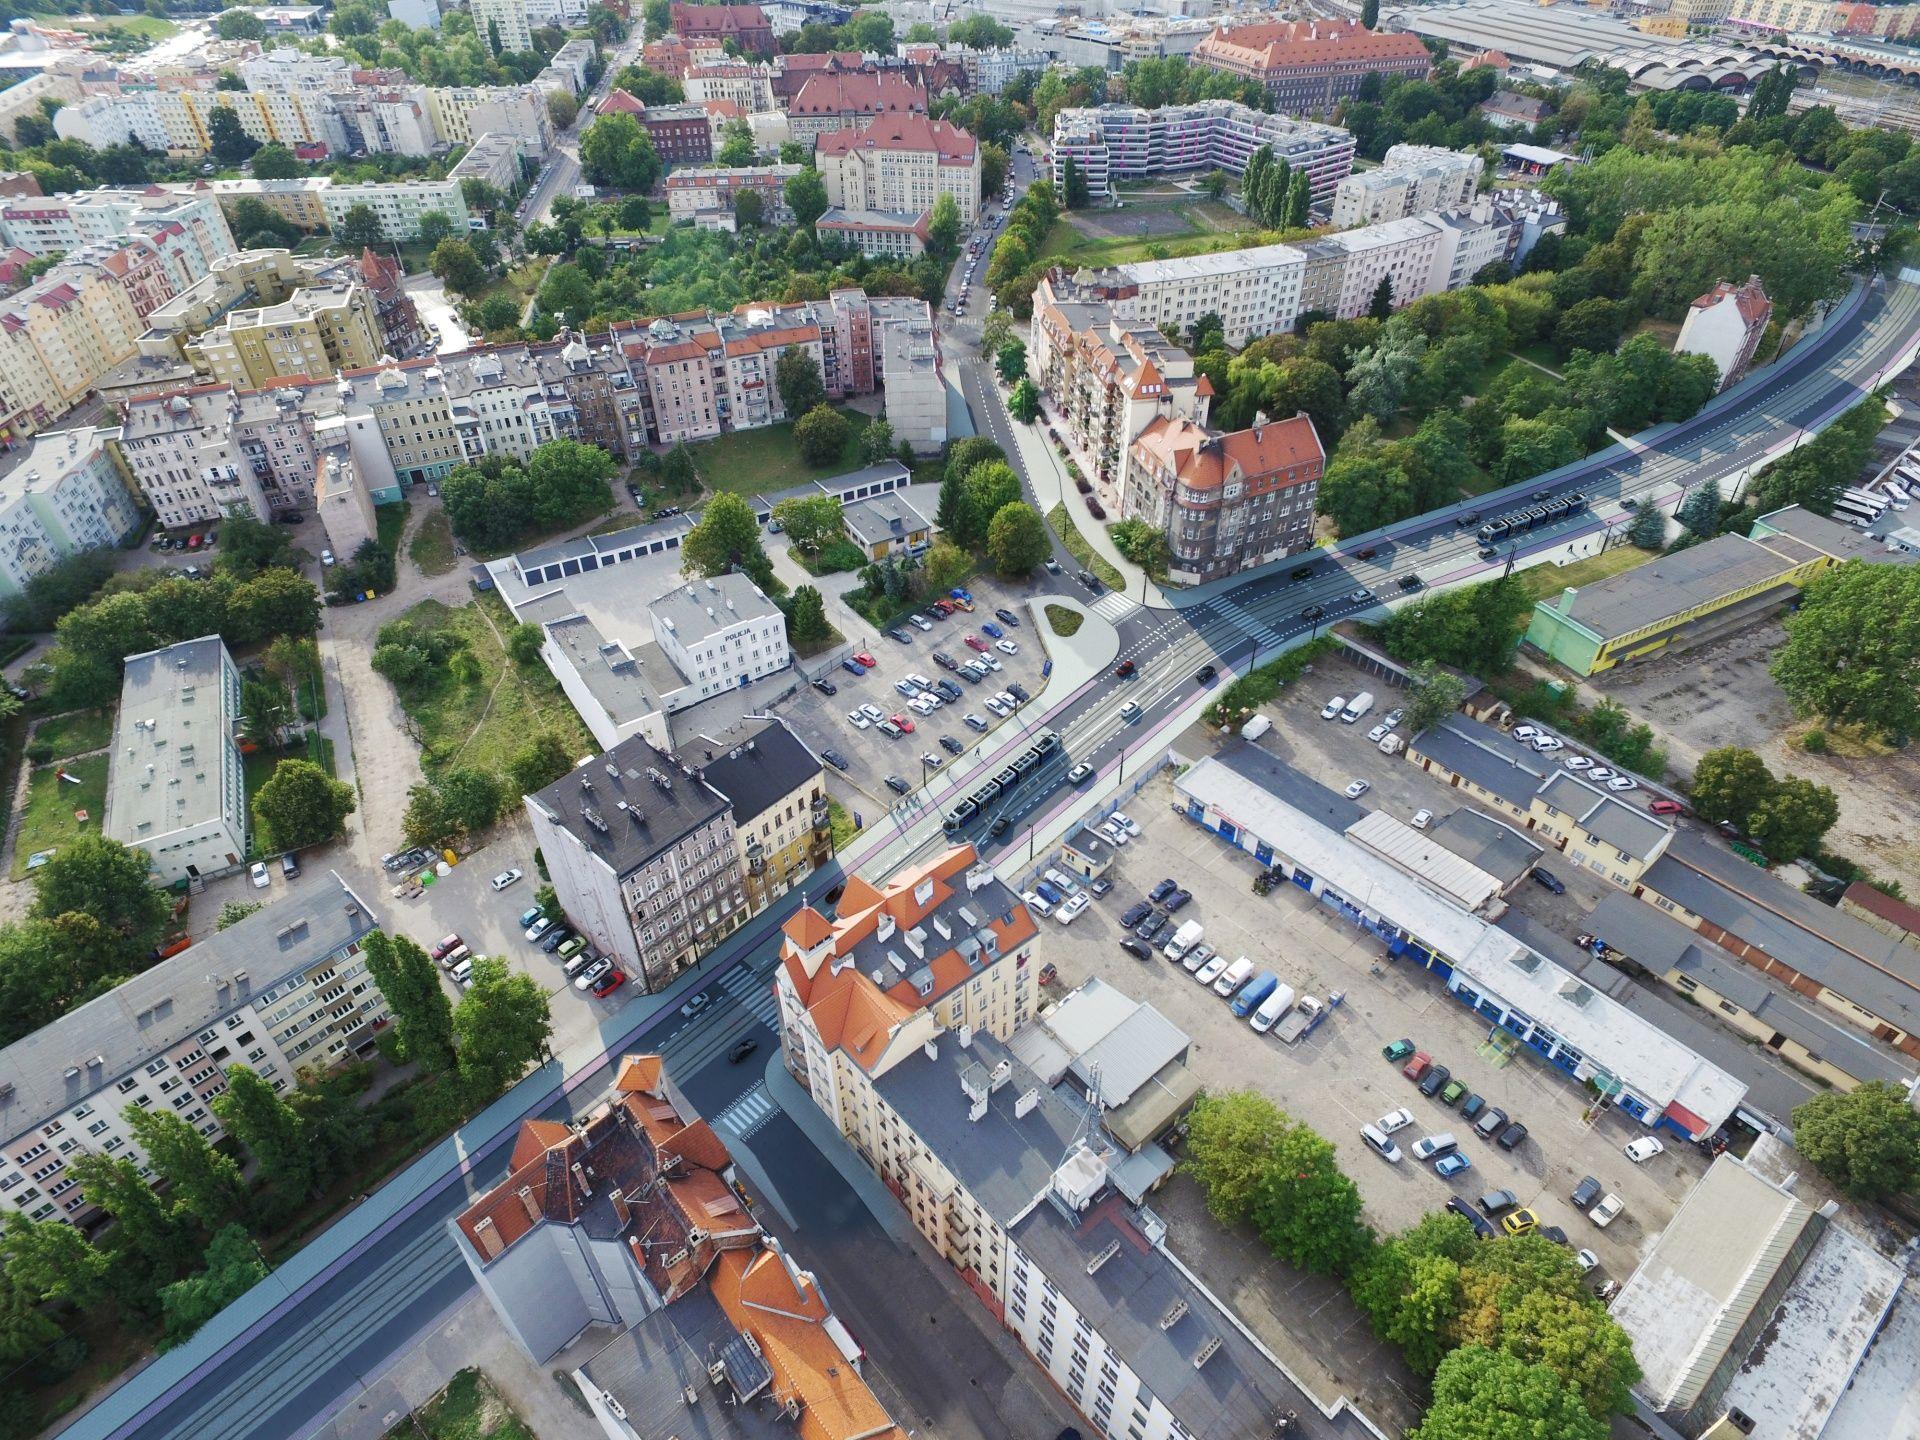 [Wrocław] Budowa trasy tramwajowej na Hubskiej opóźni się. Unieważnili przetarg